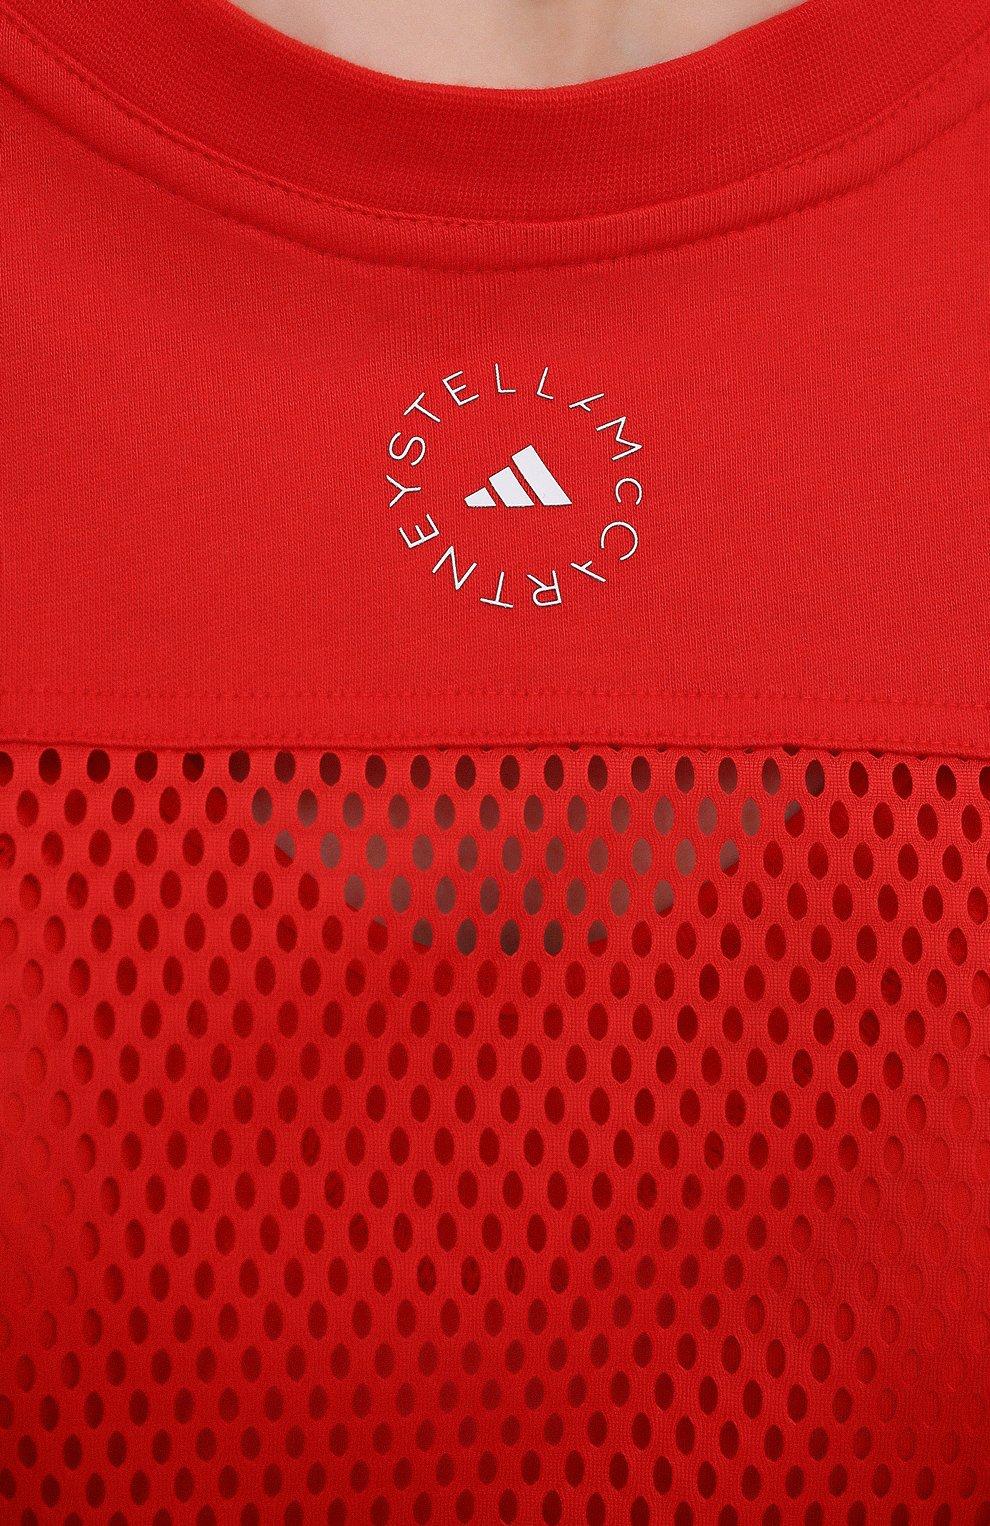 Женская хлопковый лонгслив ADIDAS BY STELLA MCCARTNEY красного цвета, арт. GM5393 | Фото 5 (Женское Кросс-КТ: Лонгслив-спорт, Лонгслив-одежда; Рукава: Длинные; Принт: Без принта; Длина (для топов): Стандартные; Материал внешний: Хлопок; Стили: Спорт-шик)